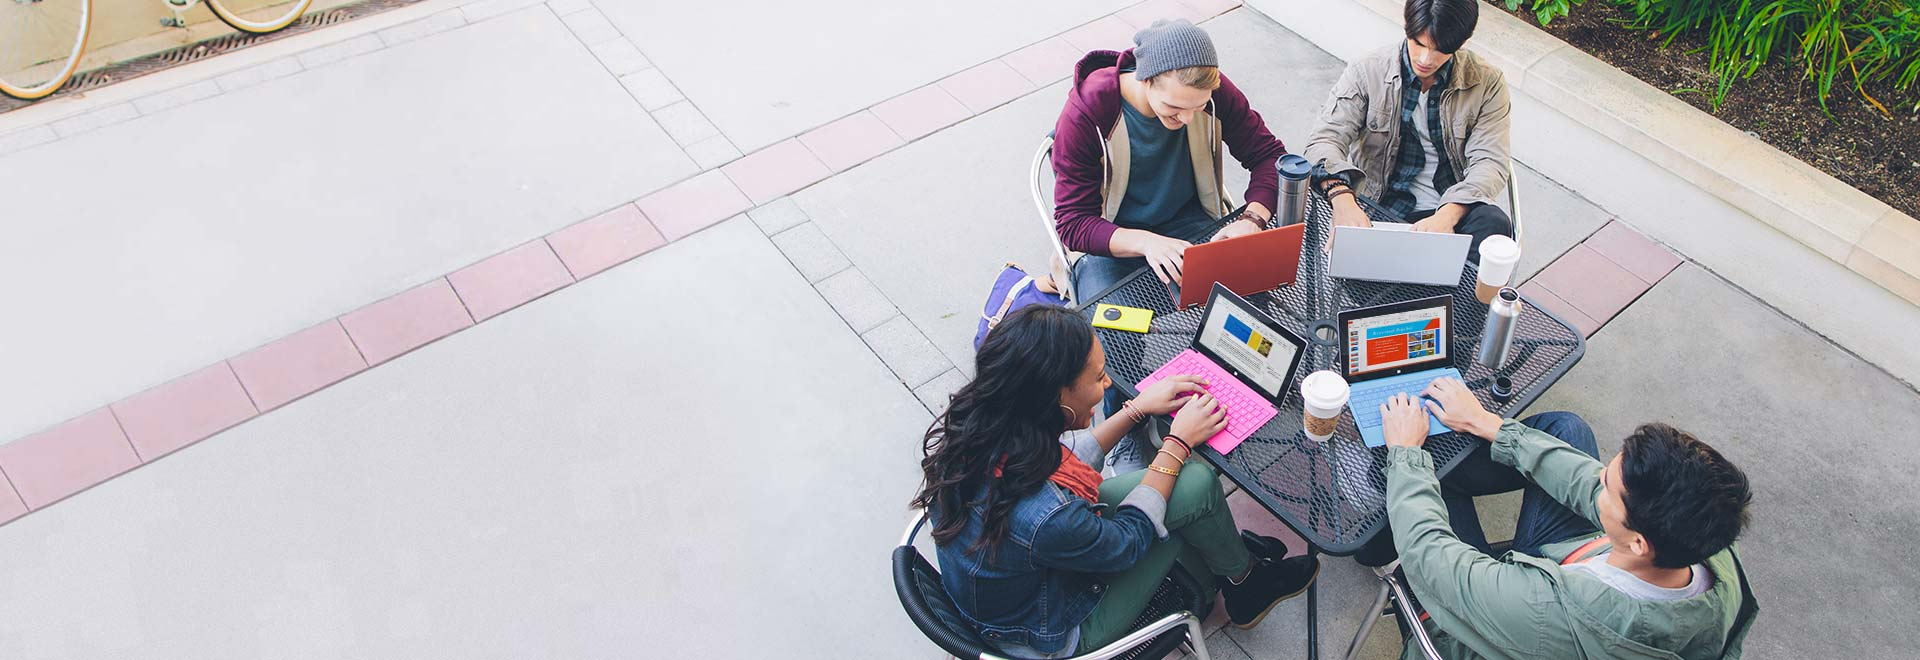 टैबलेट पर शिक्षा हेतु Office 365 का उपयोग कर रहे बाहर टेबल पर बैठे हुए चार विद्यार्थी.